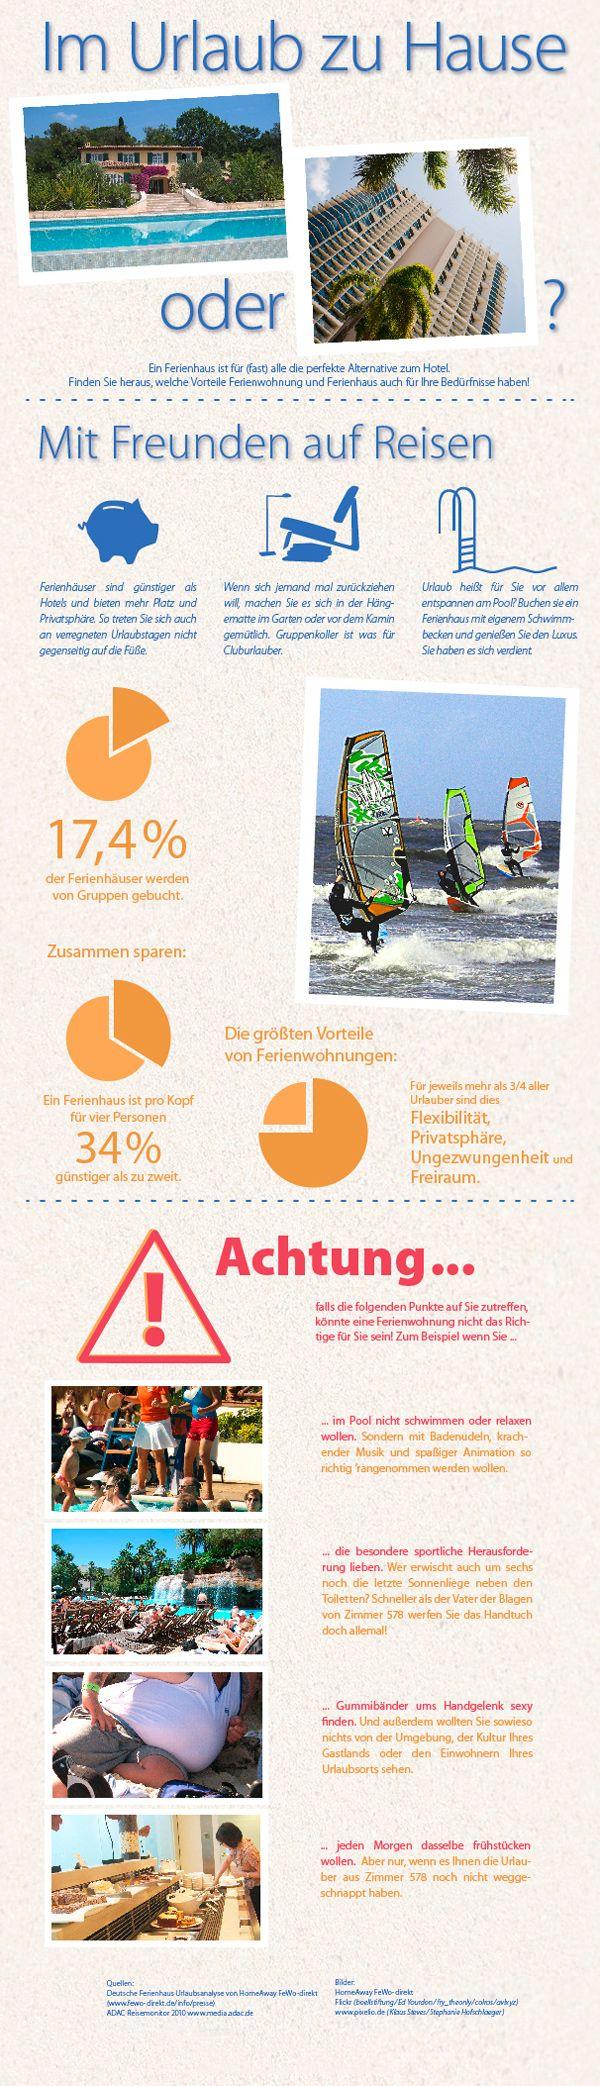 Im Urlaub zu Hause, oder?  Eine Infografik welche sich dem Für und Wider einer Ferienwohnung widmet. Wobei die Contra-Argumente mit einem Zwinkern bedacht sind ;)